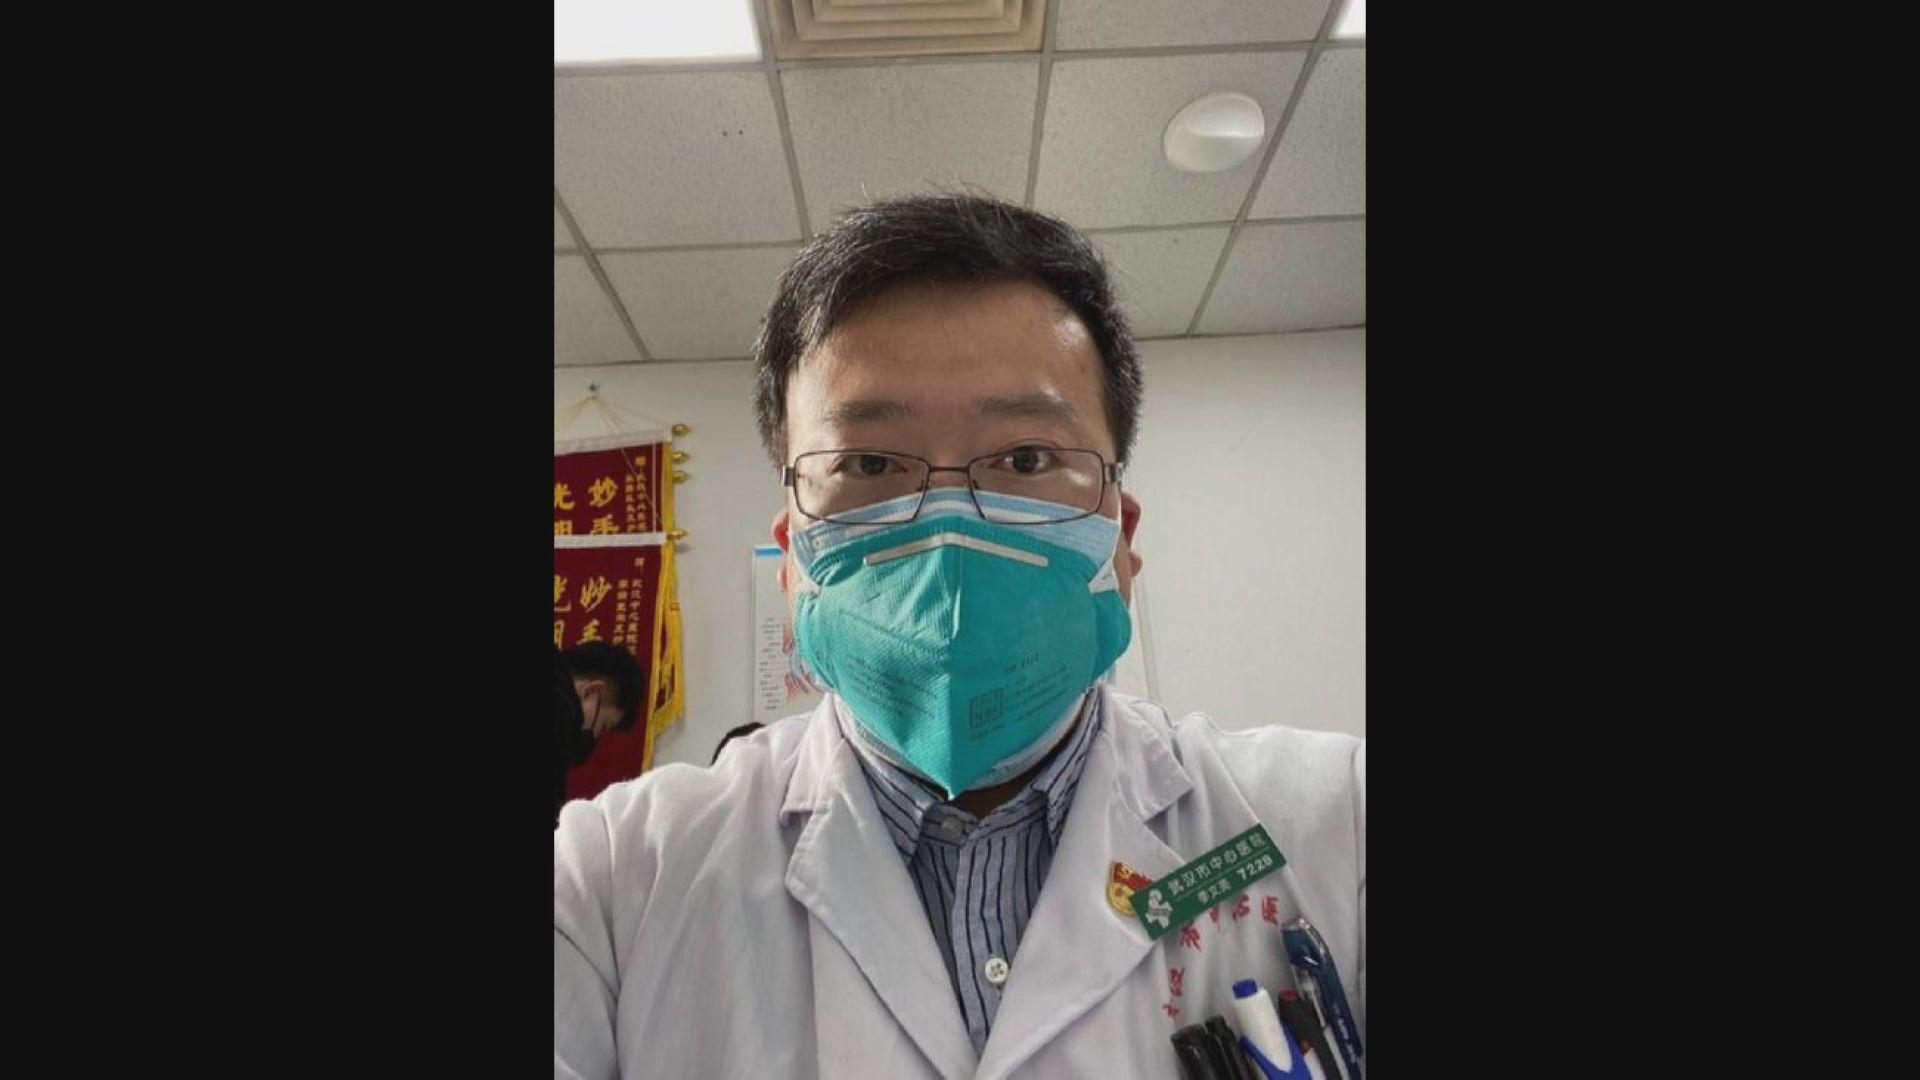 內地最先披露疫情醫生確診感染新型冠狀病毒